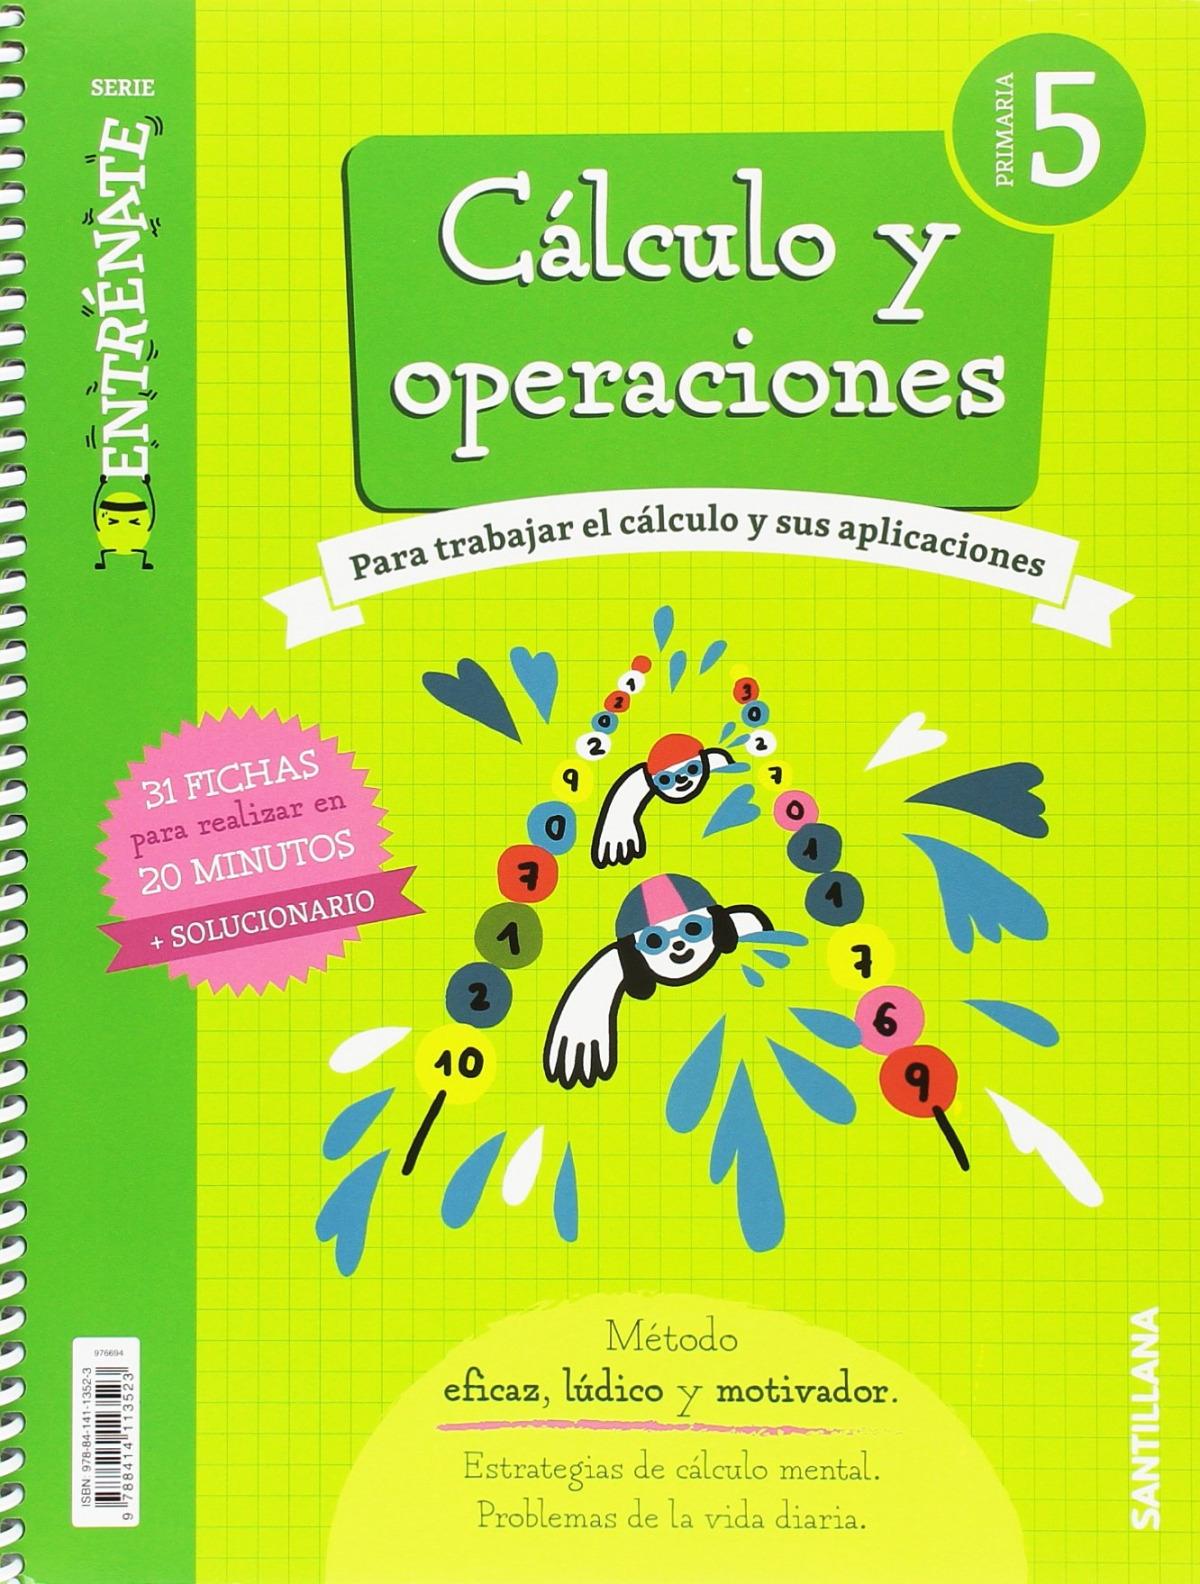 CUADERNO CÁLCULO 5o.PRIMARIA ENTRÉNATE 9788414113523